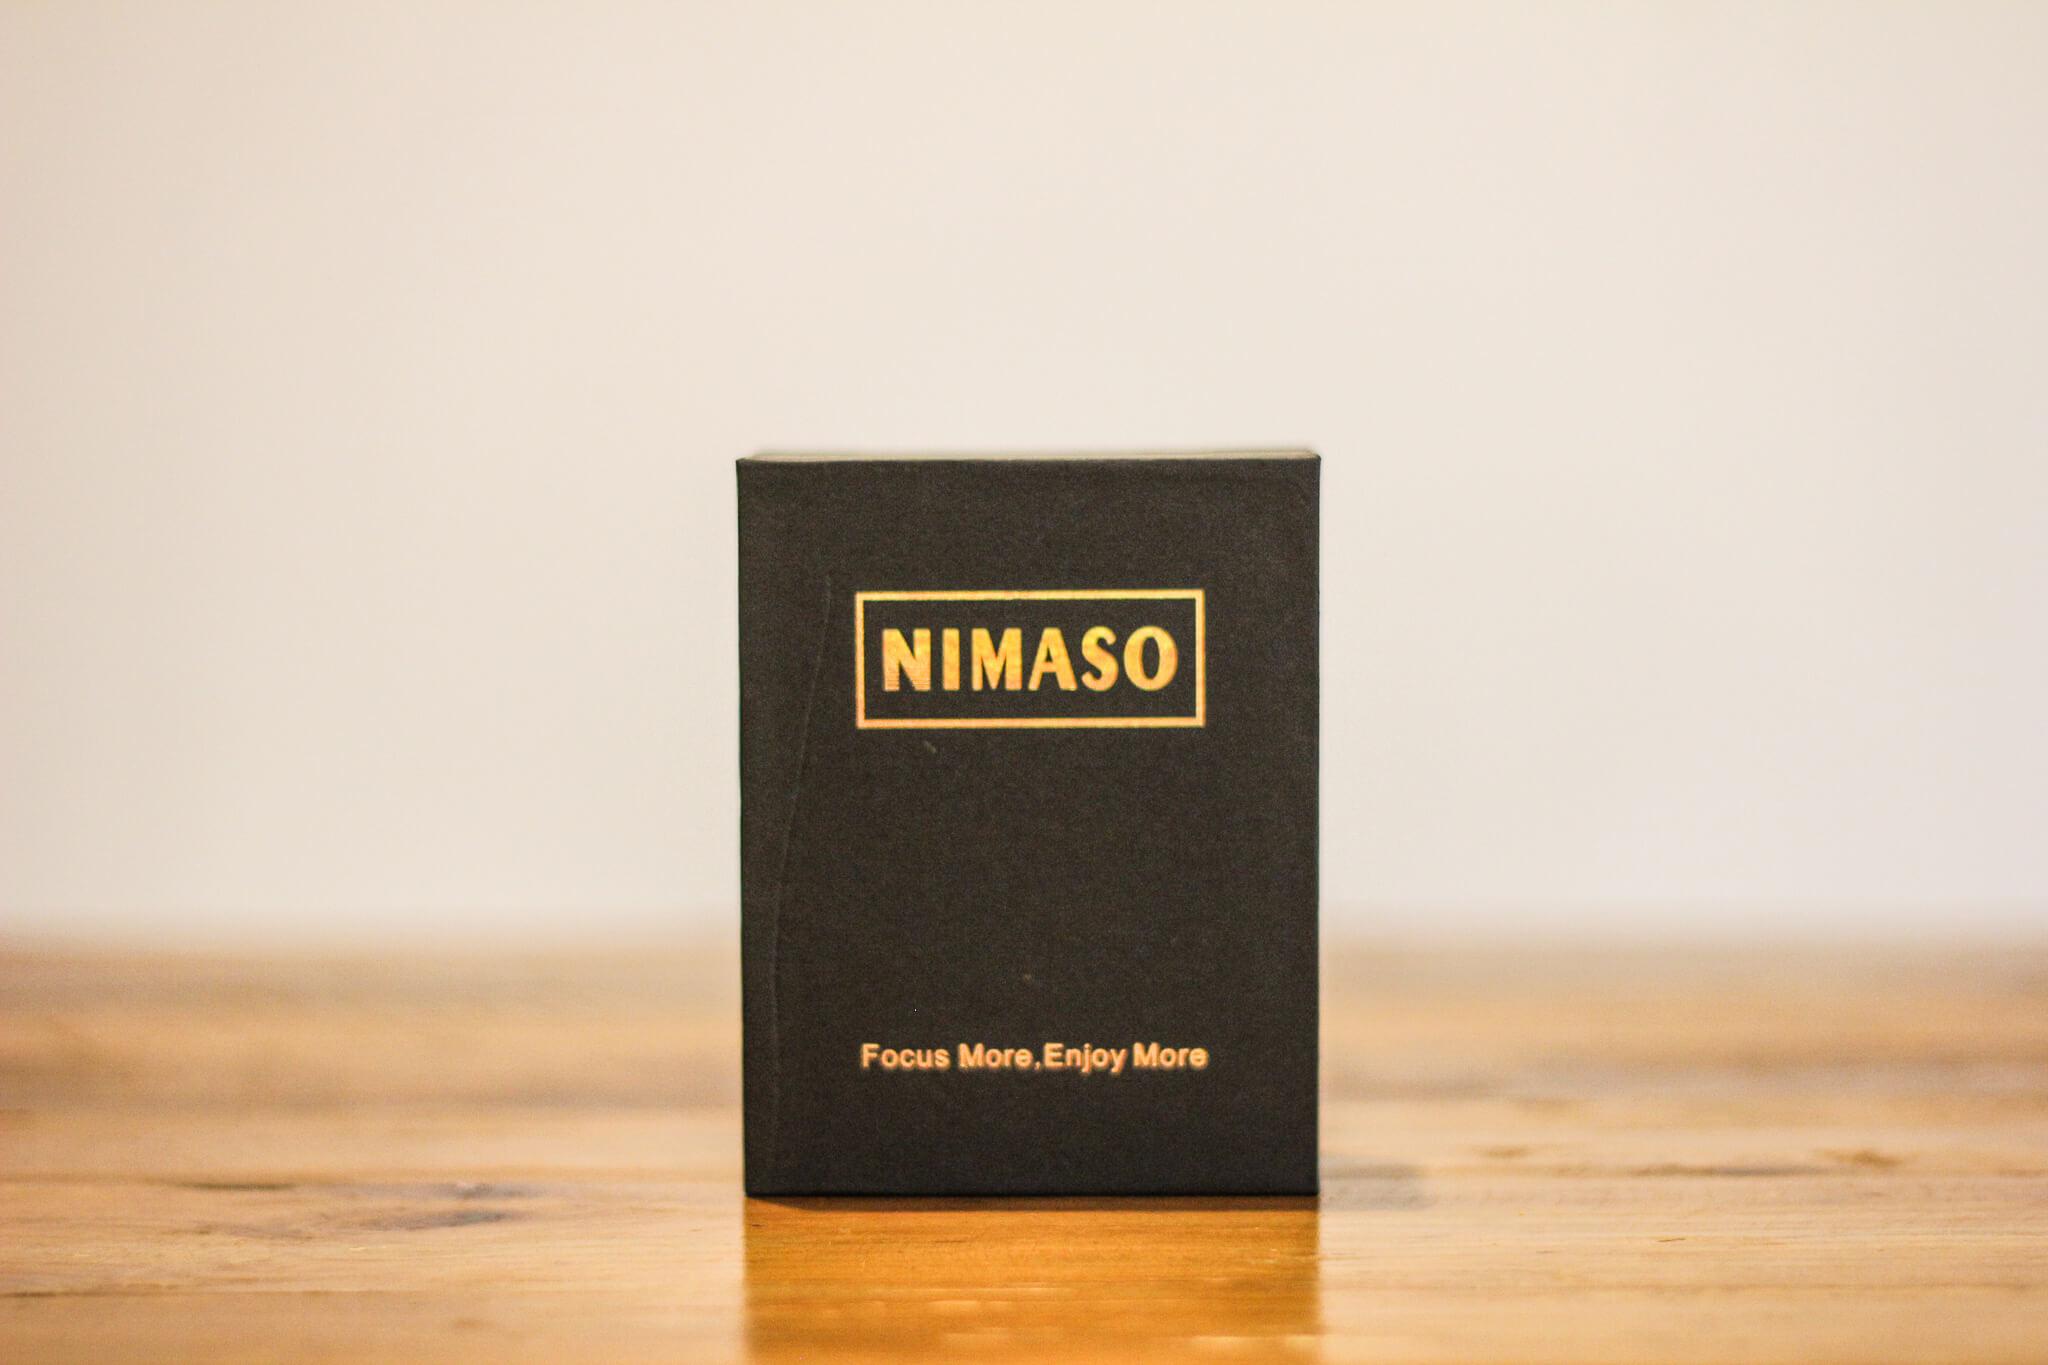 Nimaso 充電機器 アダプター